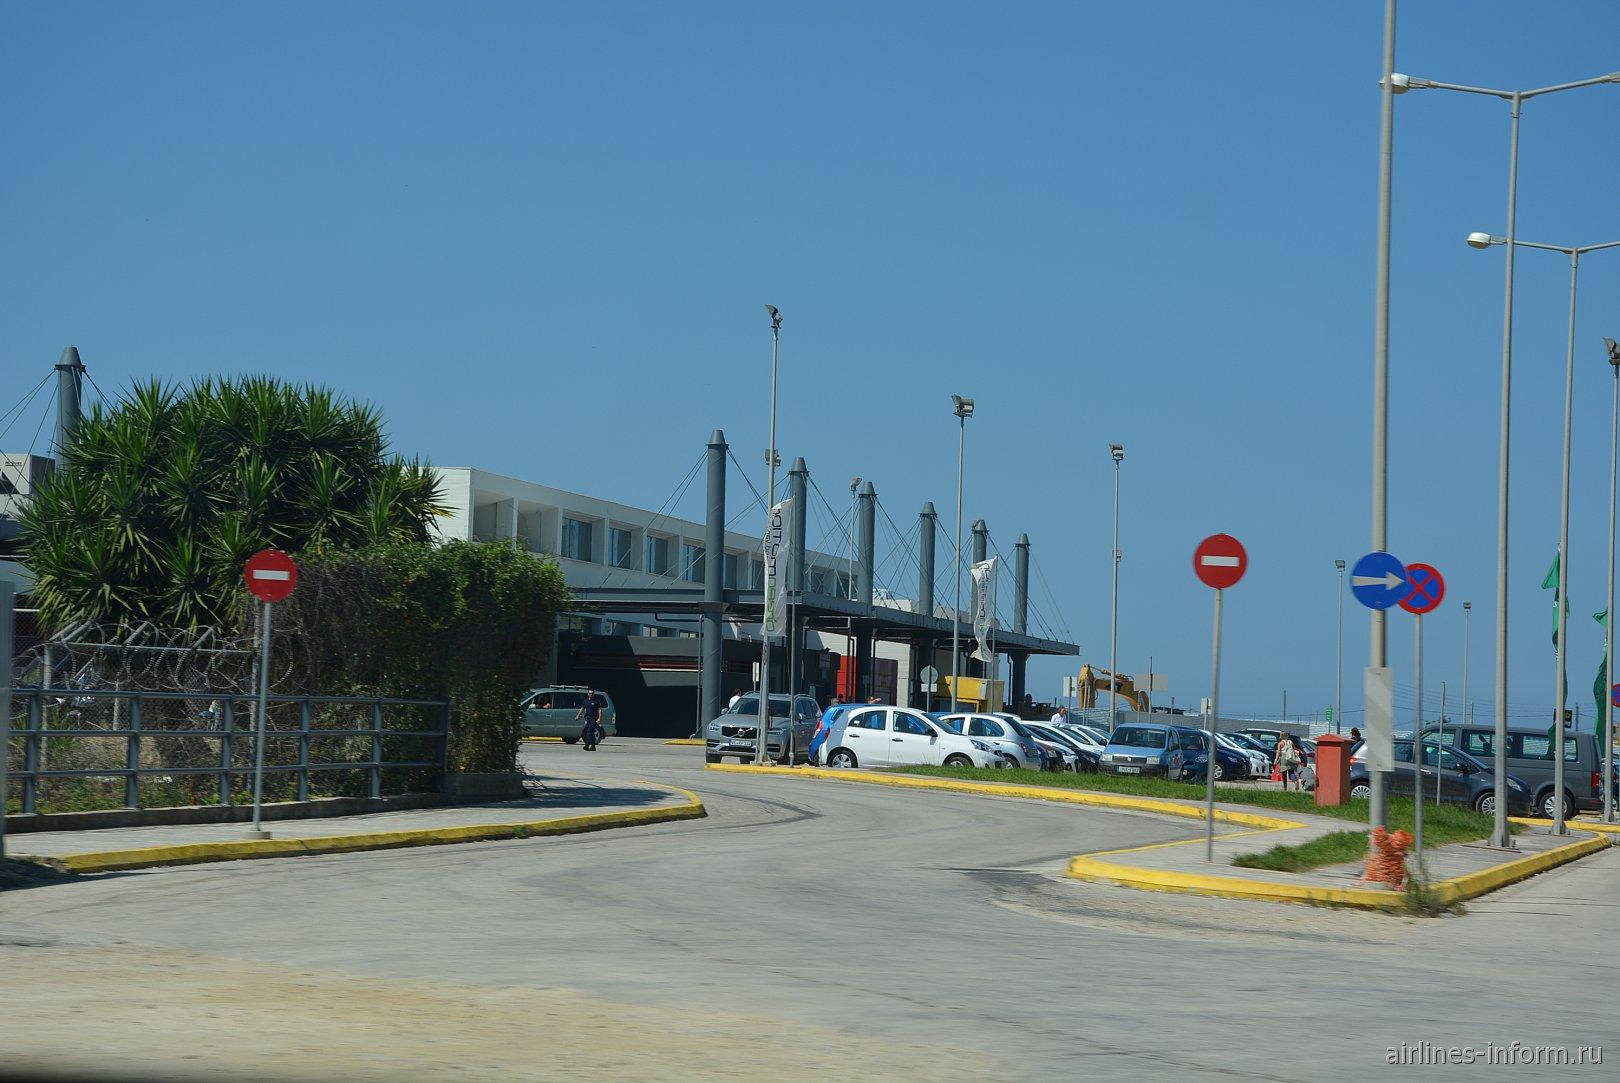 Пассажирский терминал аэропорта Превеза Актион